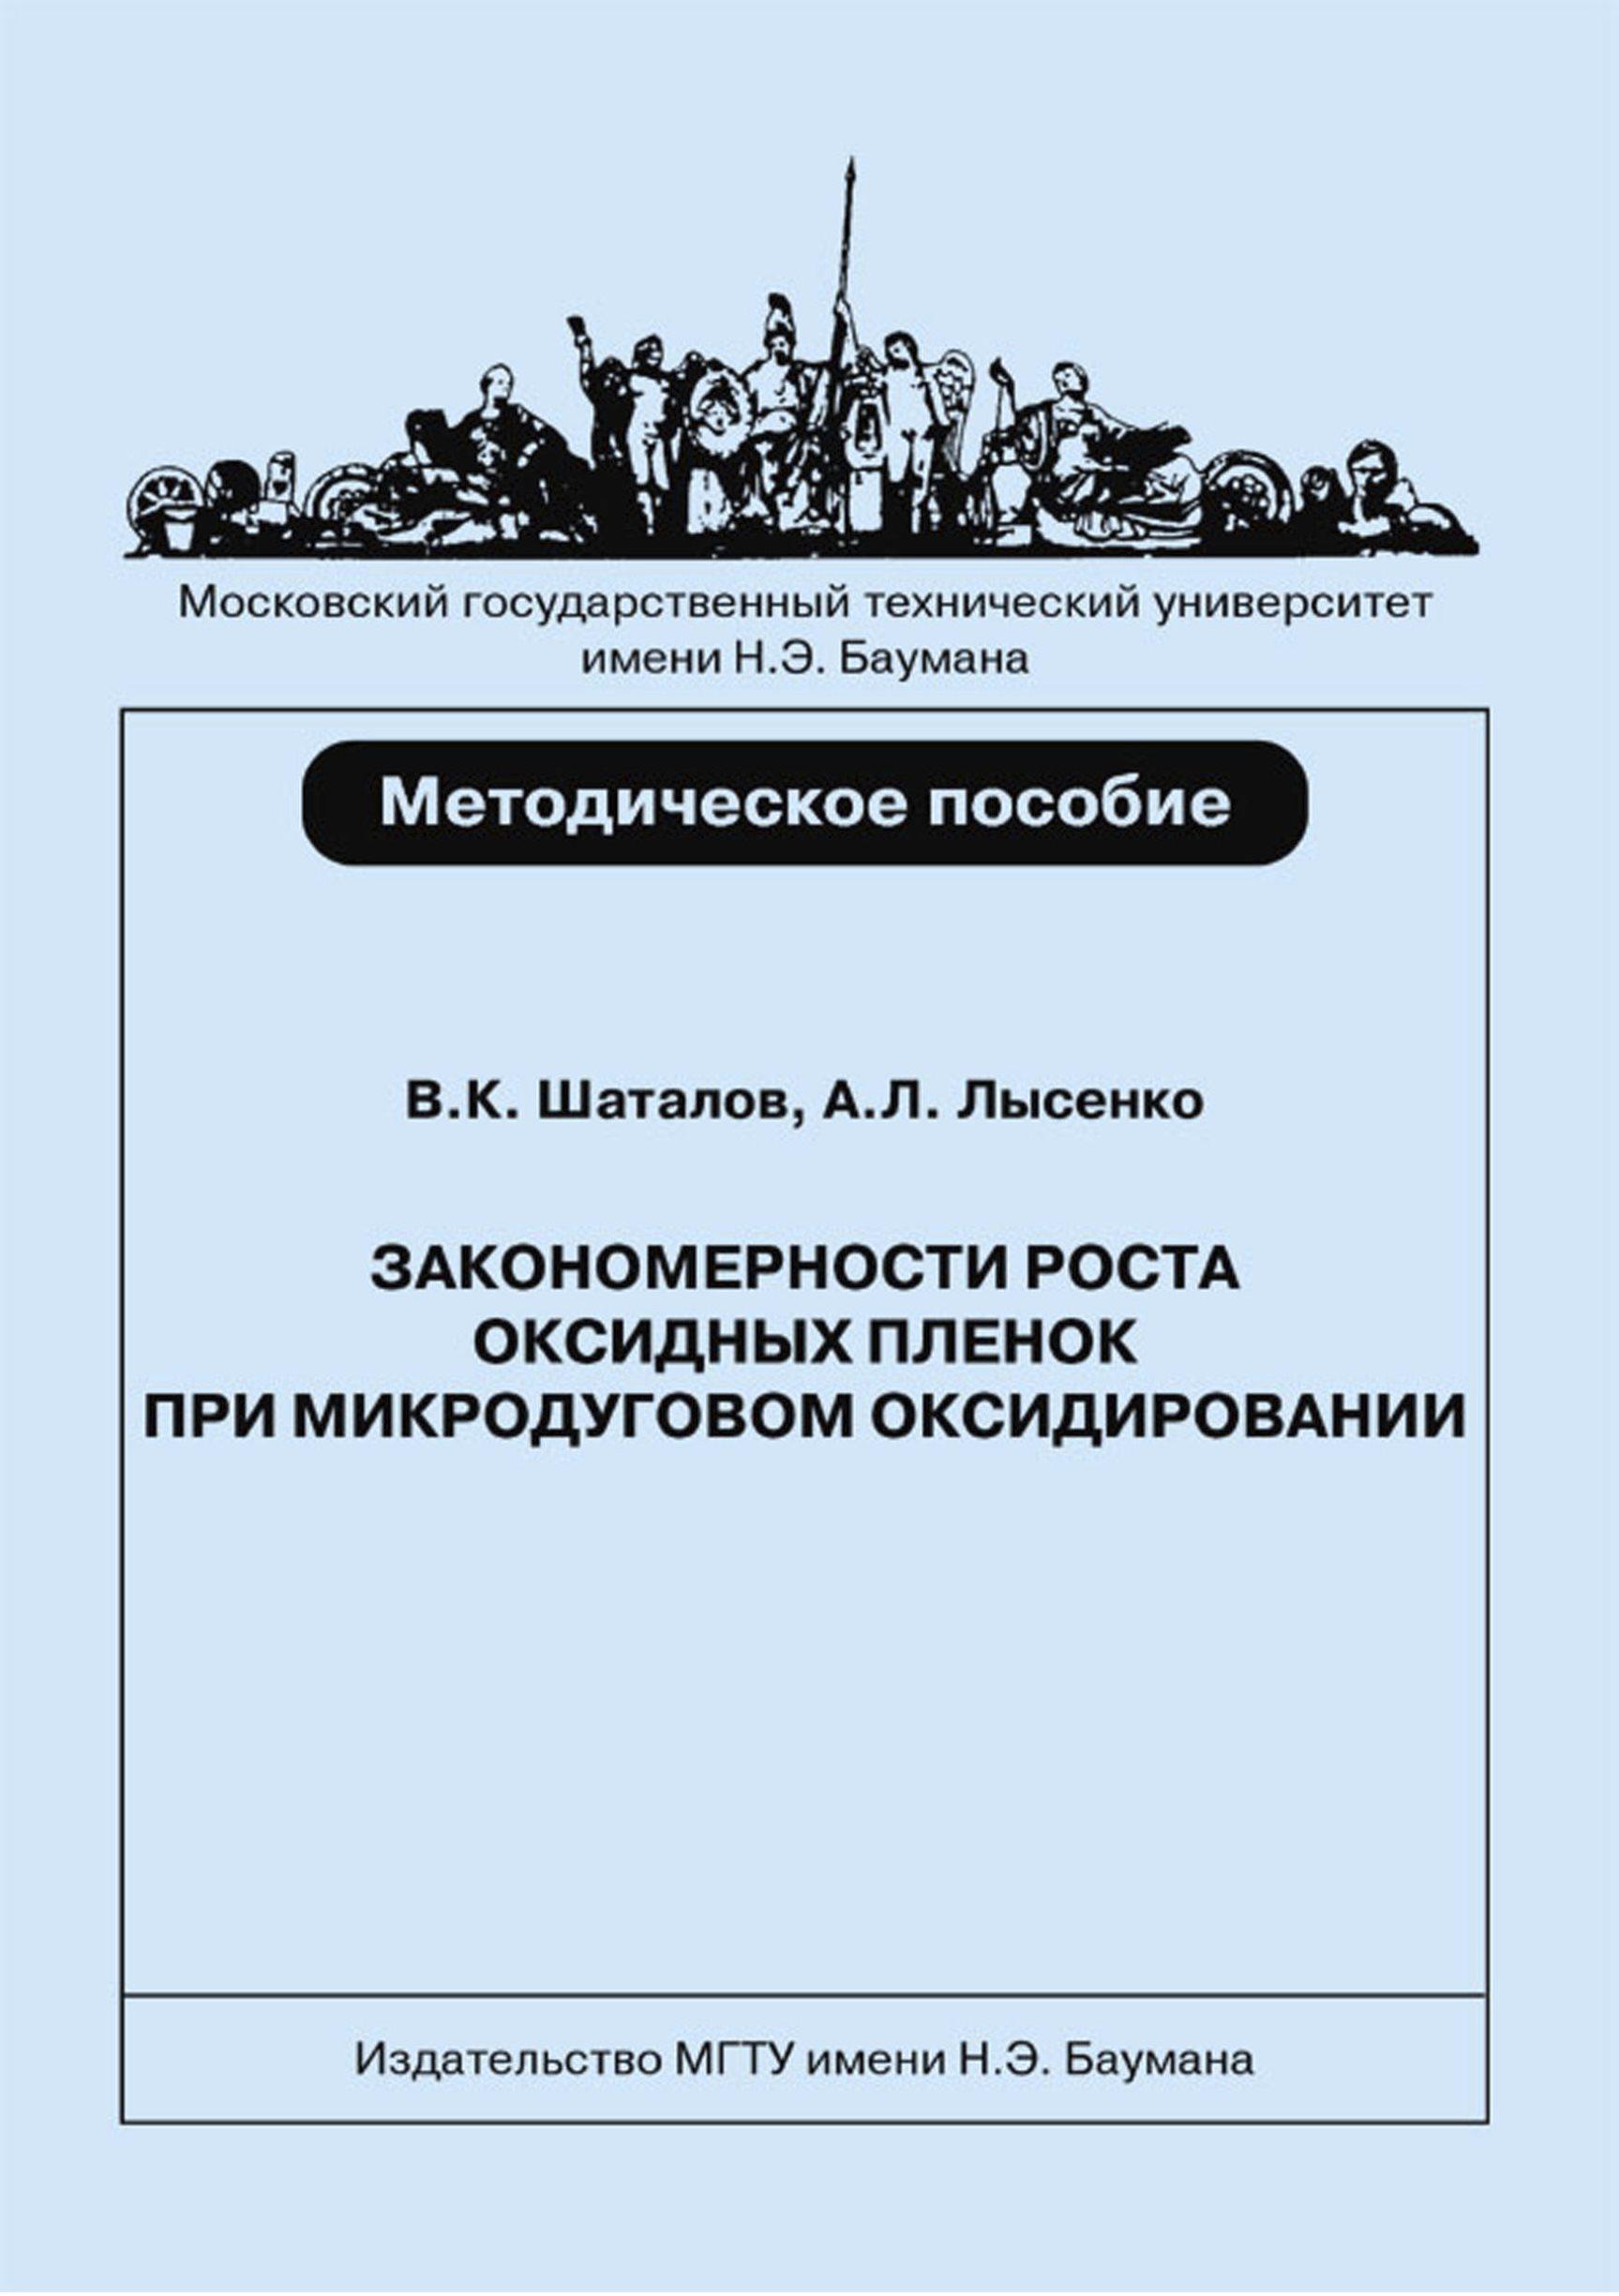 Андрей Лысенко Закономерности роста оксидных пленок при микродуговом оксидировании титановых сплавов